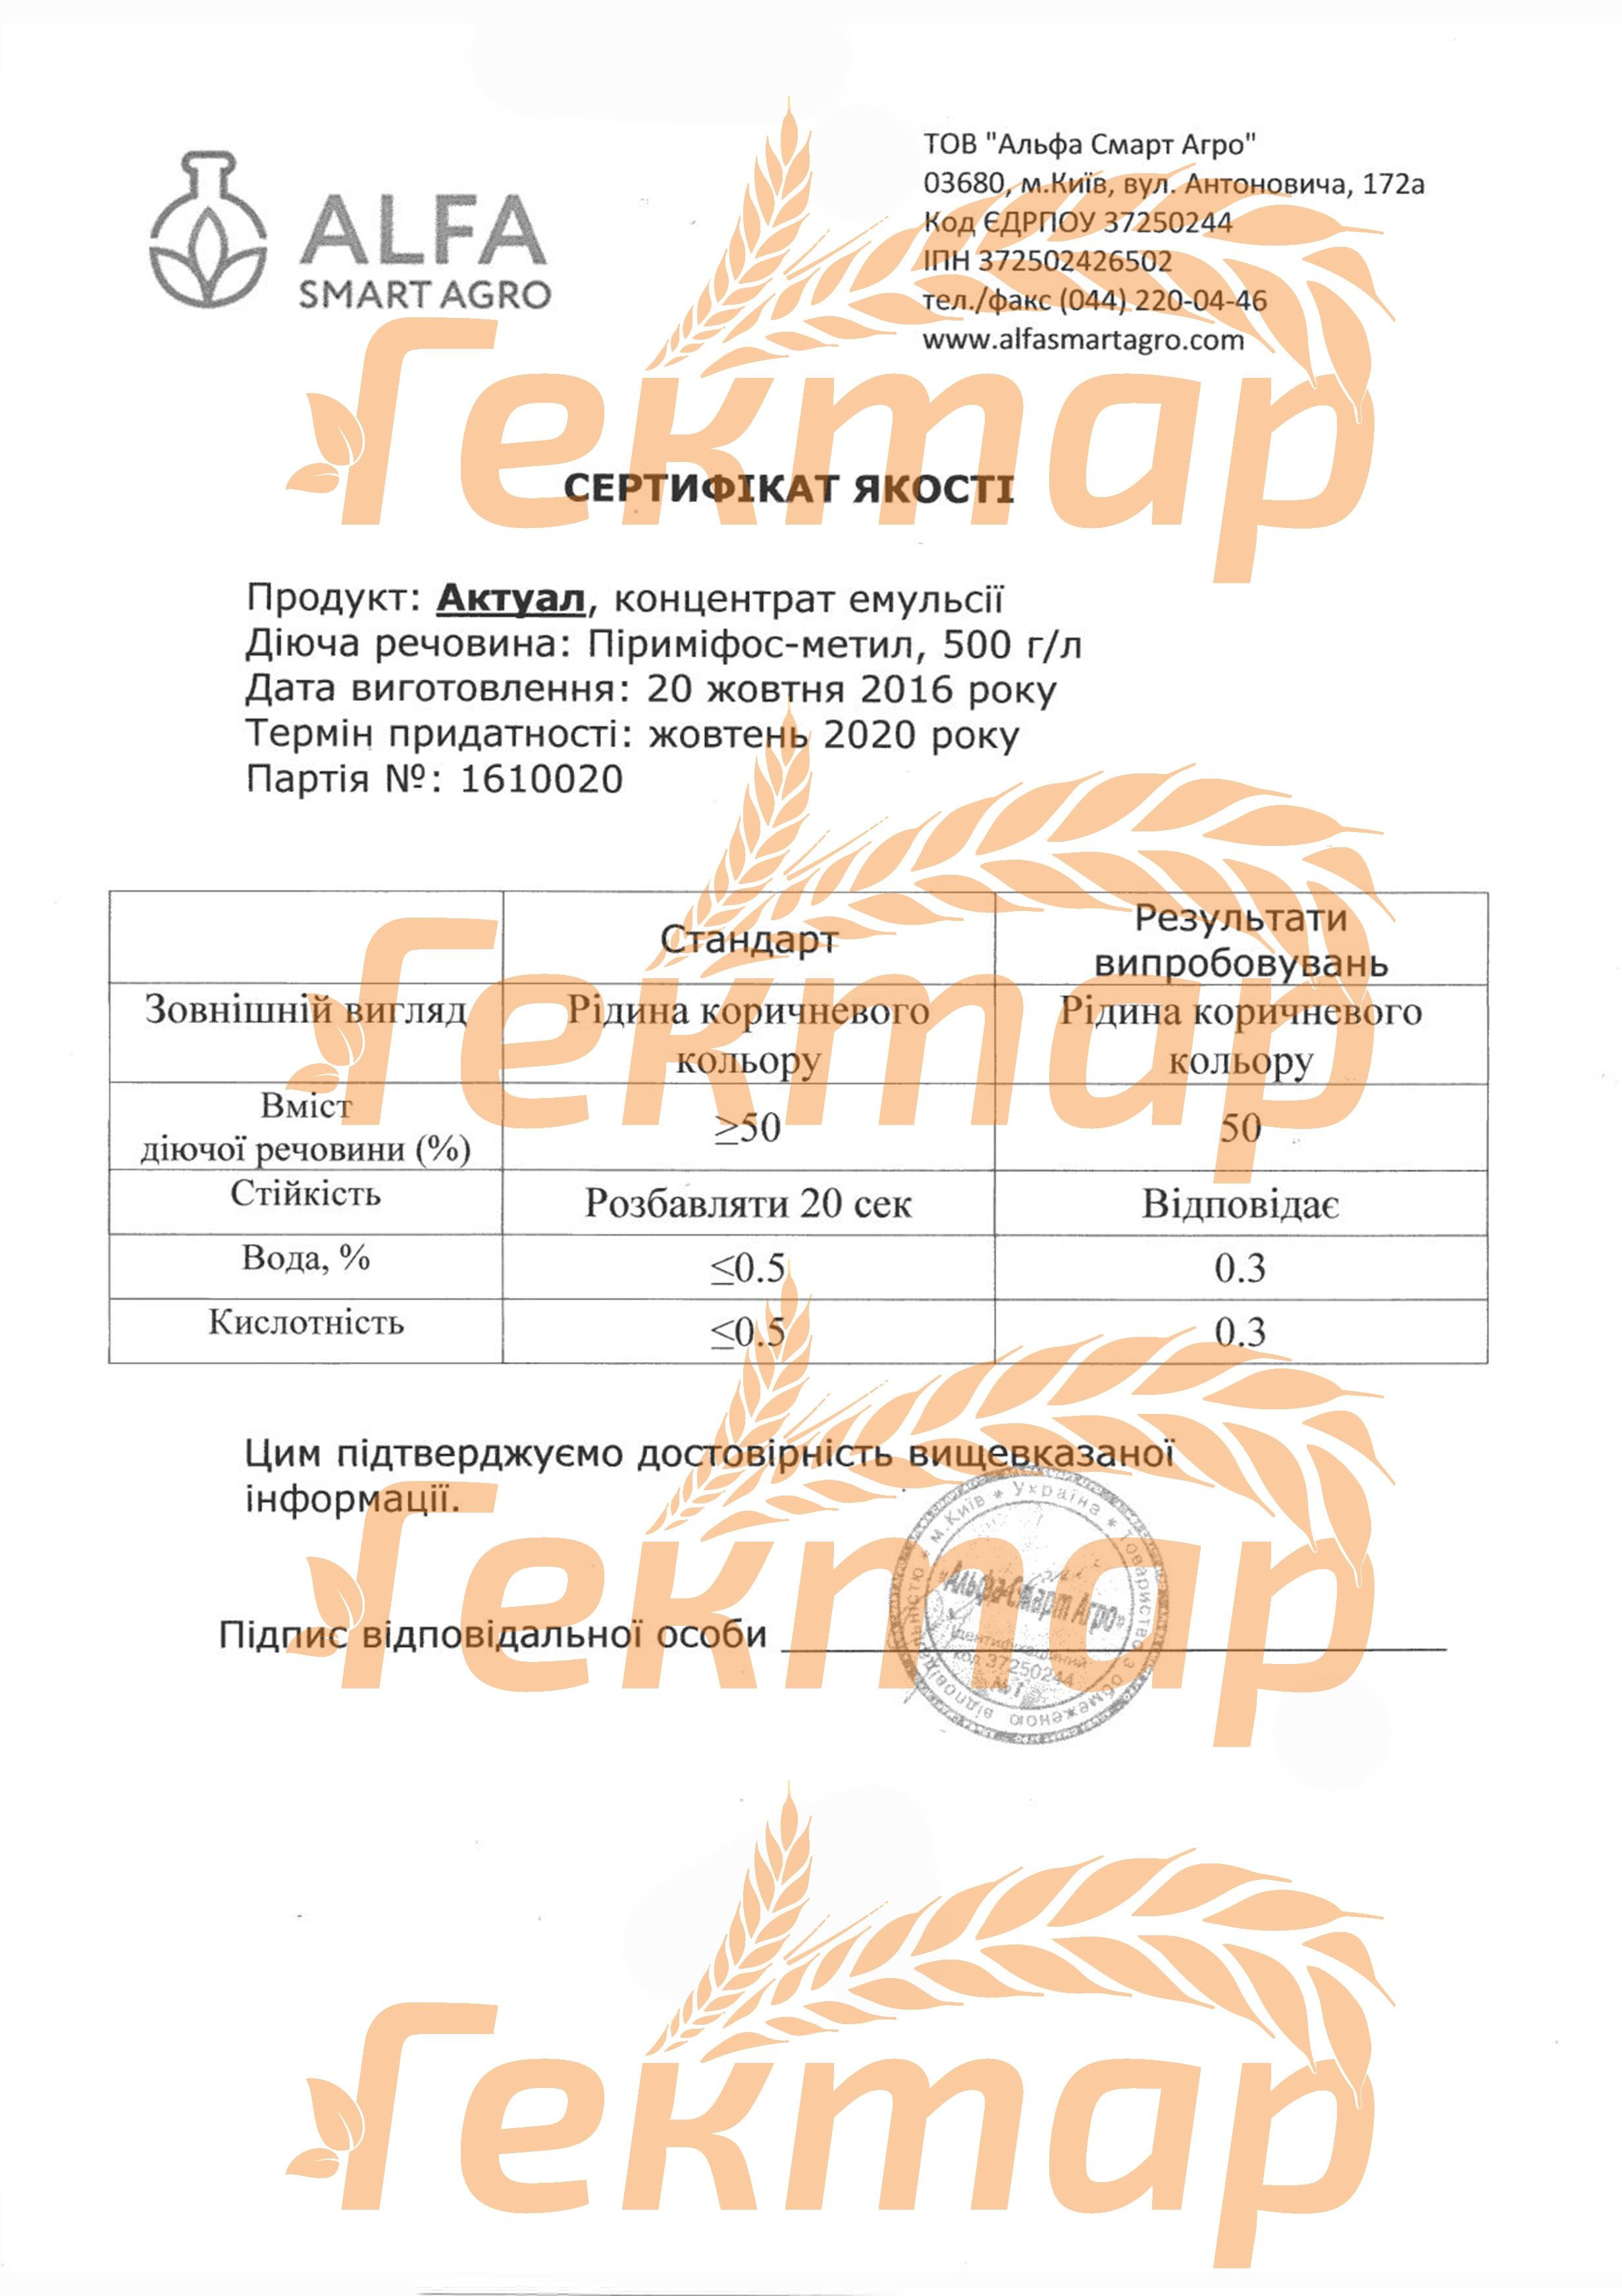 https://hectare.ua/upload/5aafa60215169.jpg